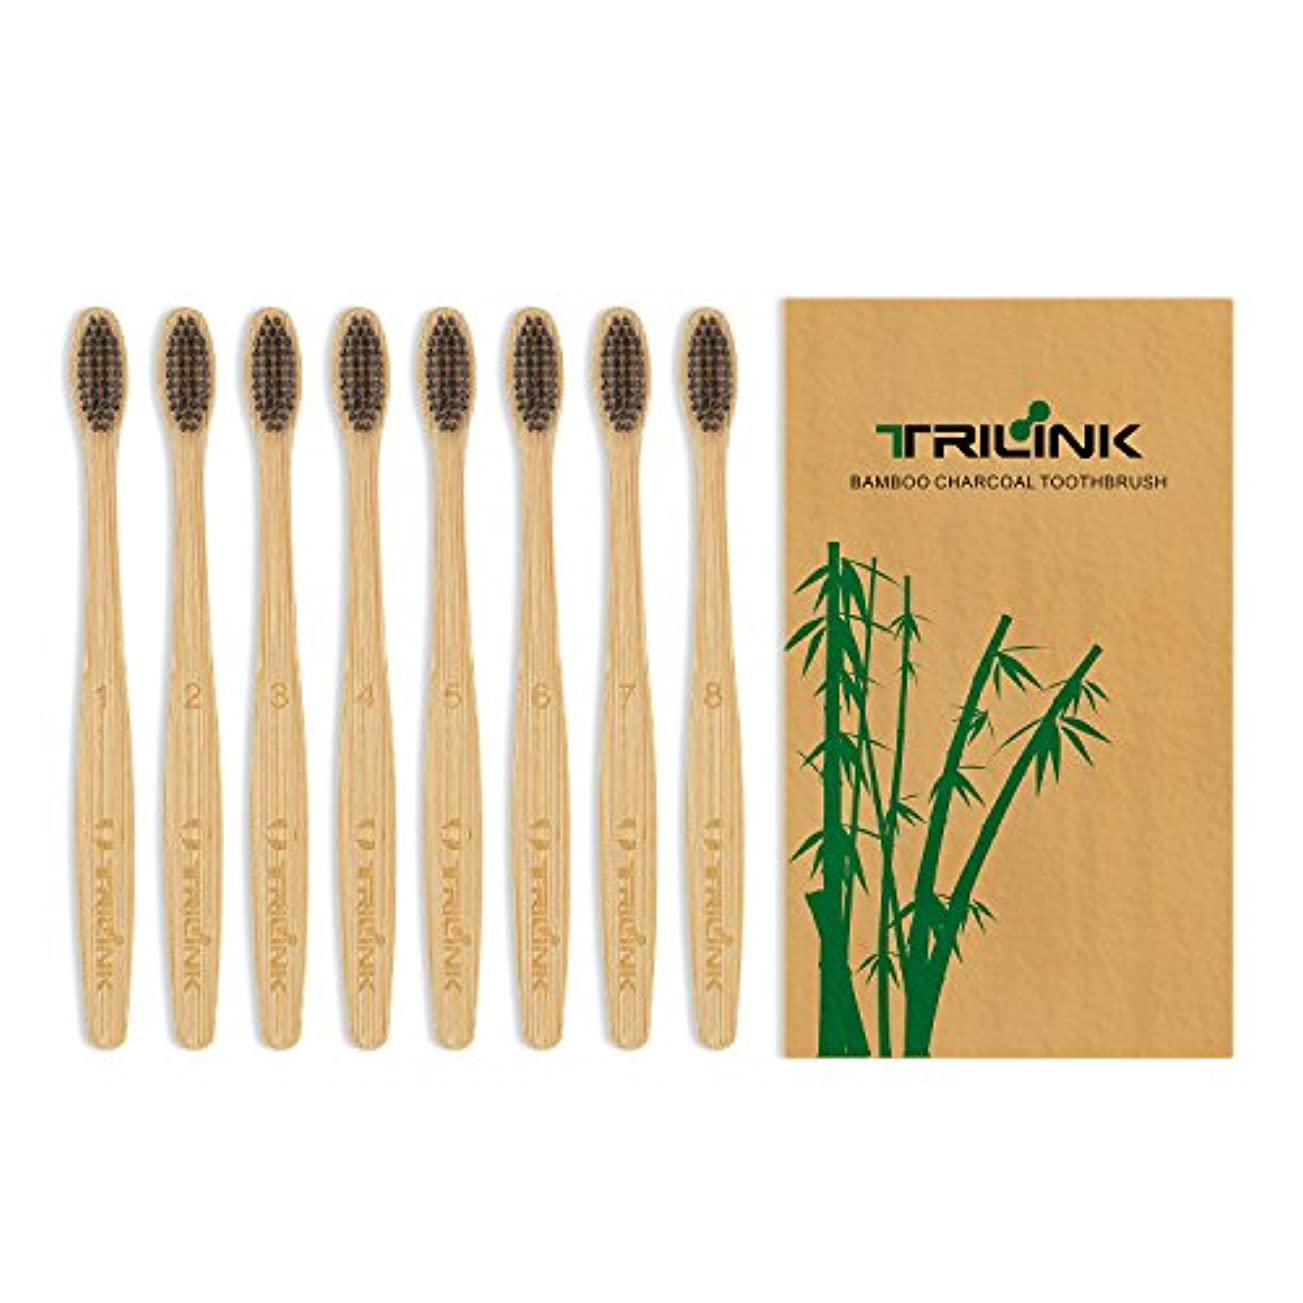 トースト信条死にかけている大人用竹の歯ブラシ(8本) 環境保護 天然の柔らかい ハブラシ【 活性炭を注入】